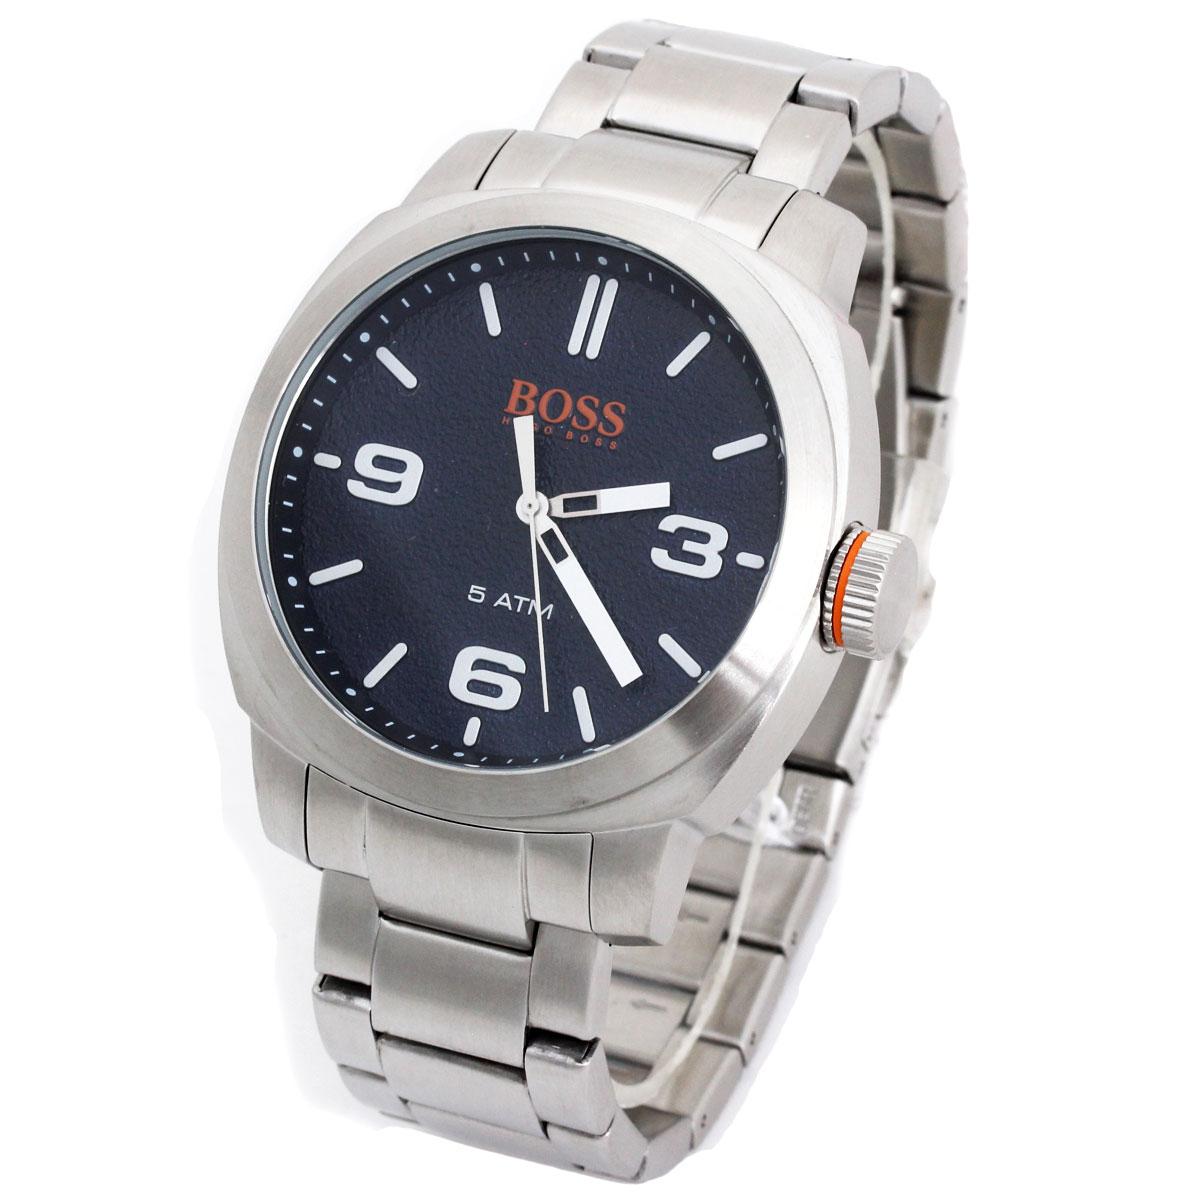 BOSS HUGO BOSS ボス ヒューゴボス 腕時計 1513419 Orange Cape Town メンズ ラウンド ブラック シルバー